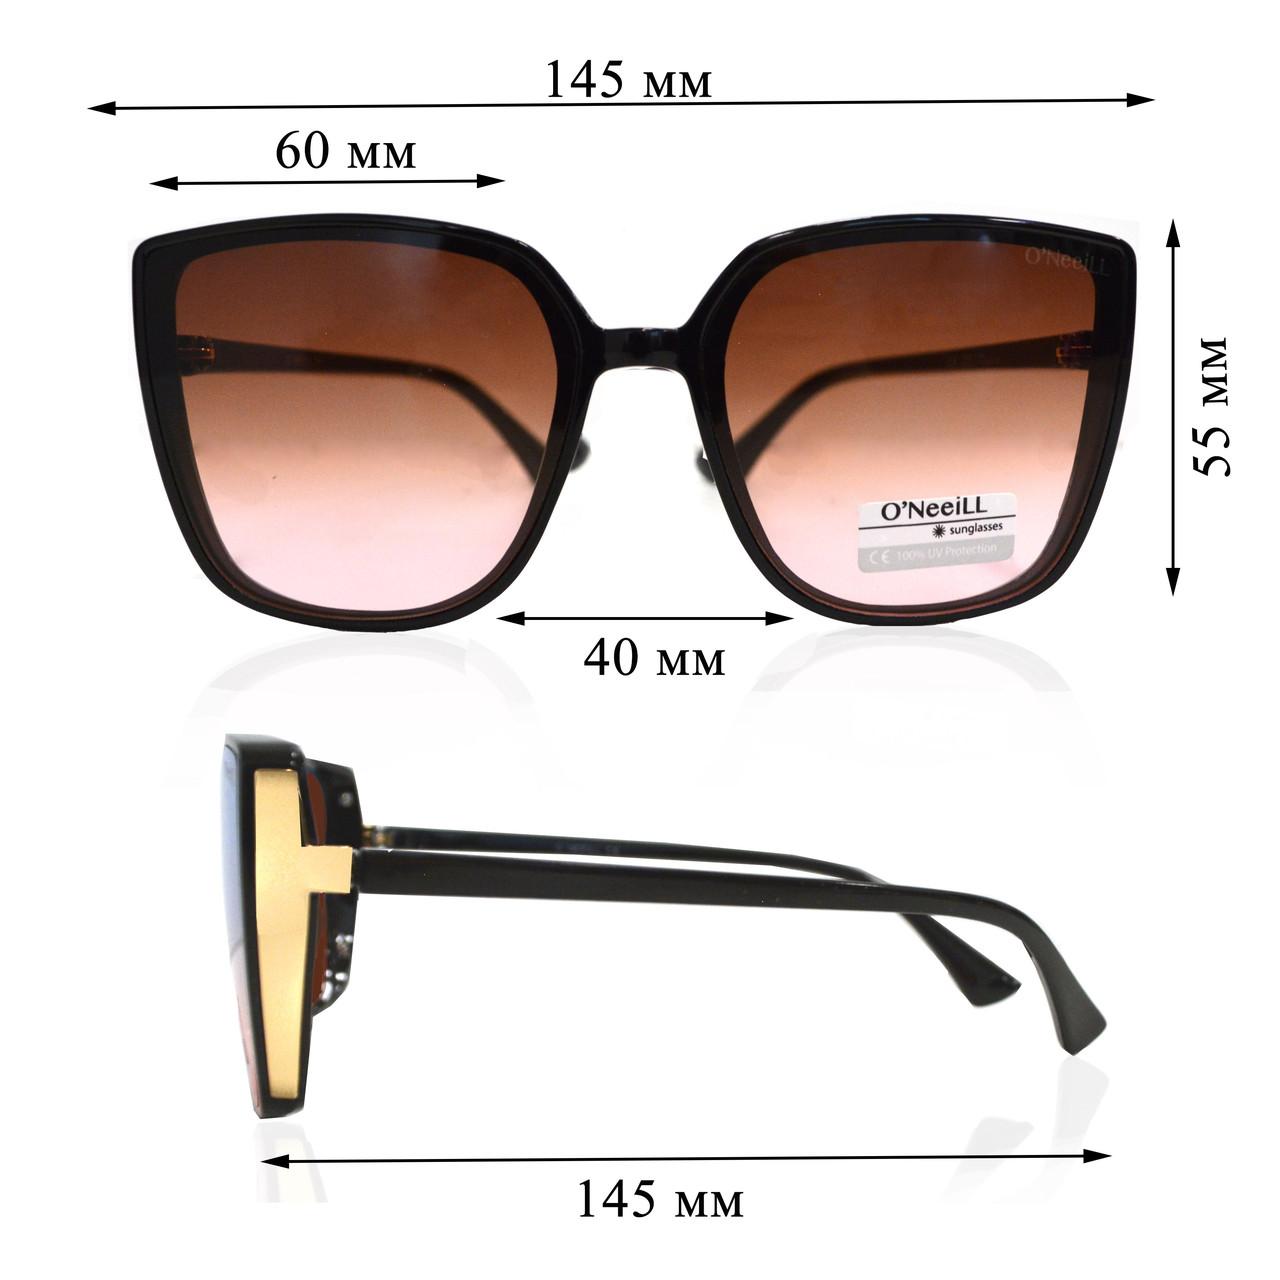 Солнцезащитные очки с коричневыми стеклами UV 400 O'NeeiLL D9105 черные - фото 2